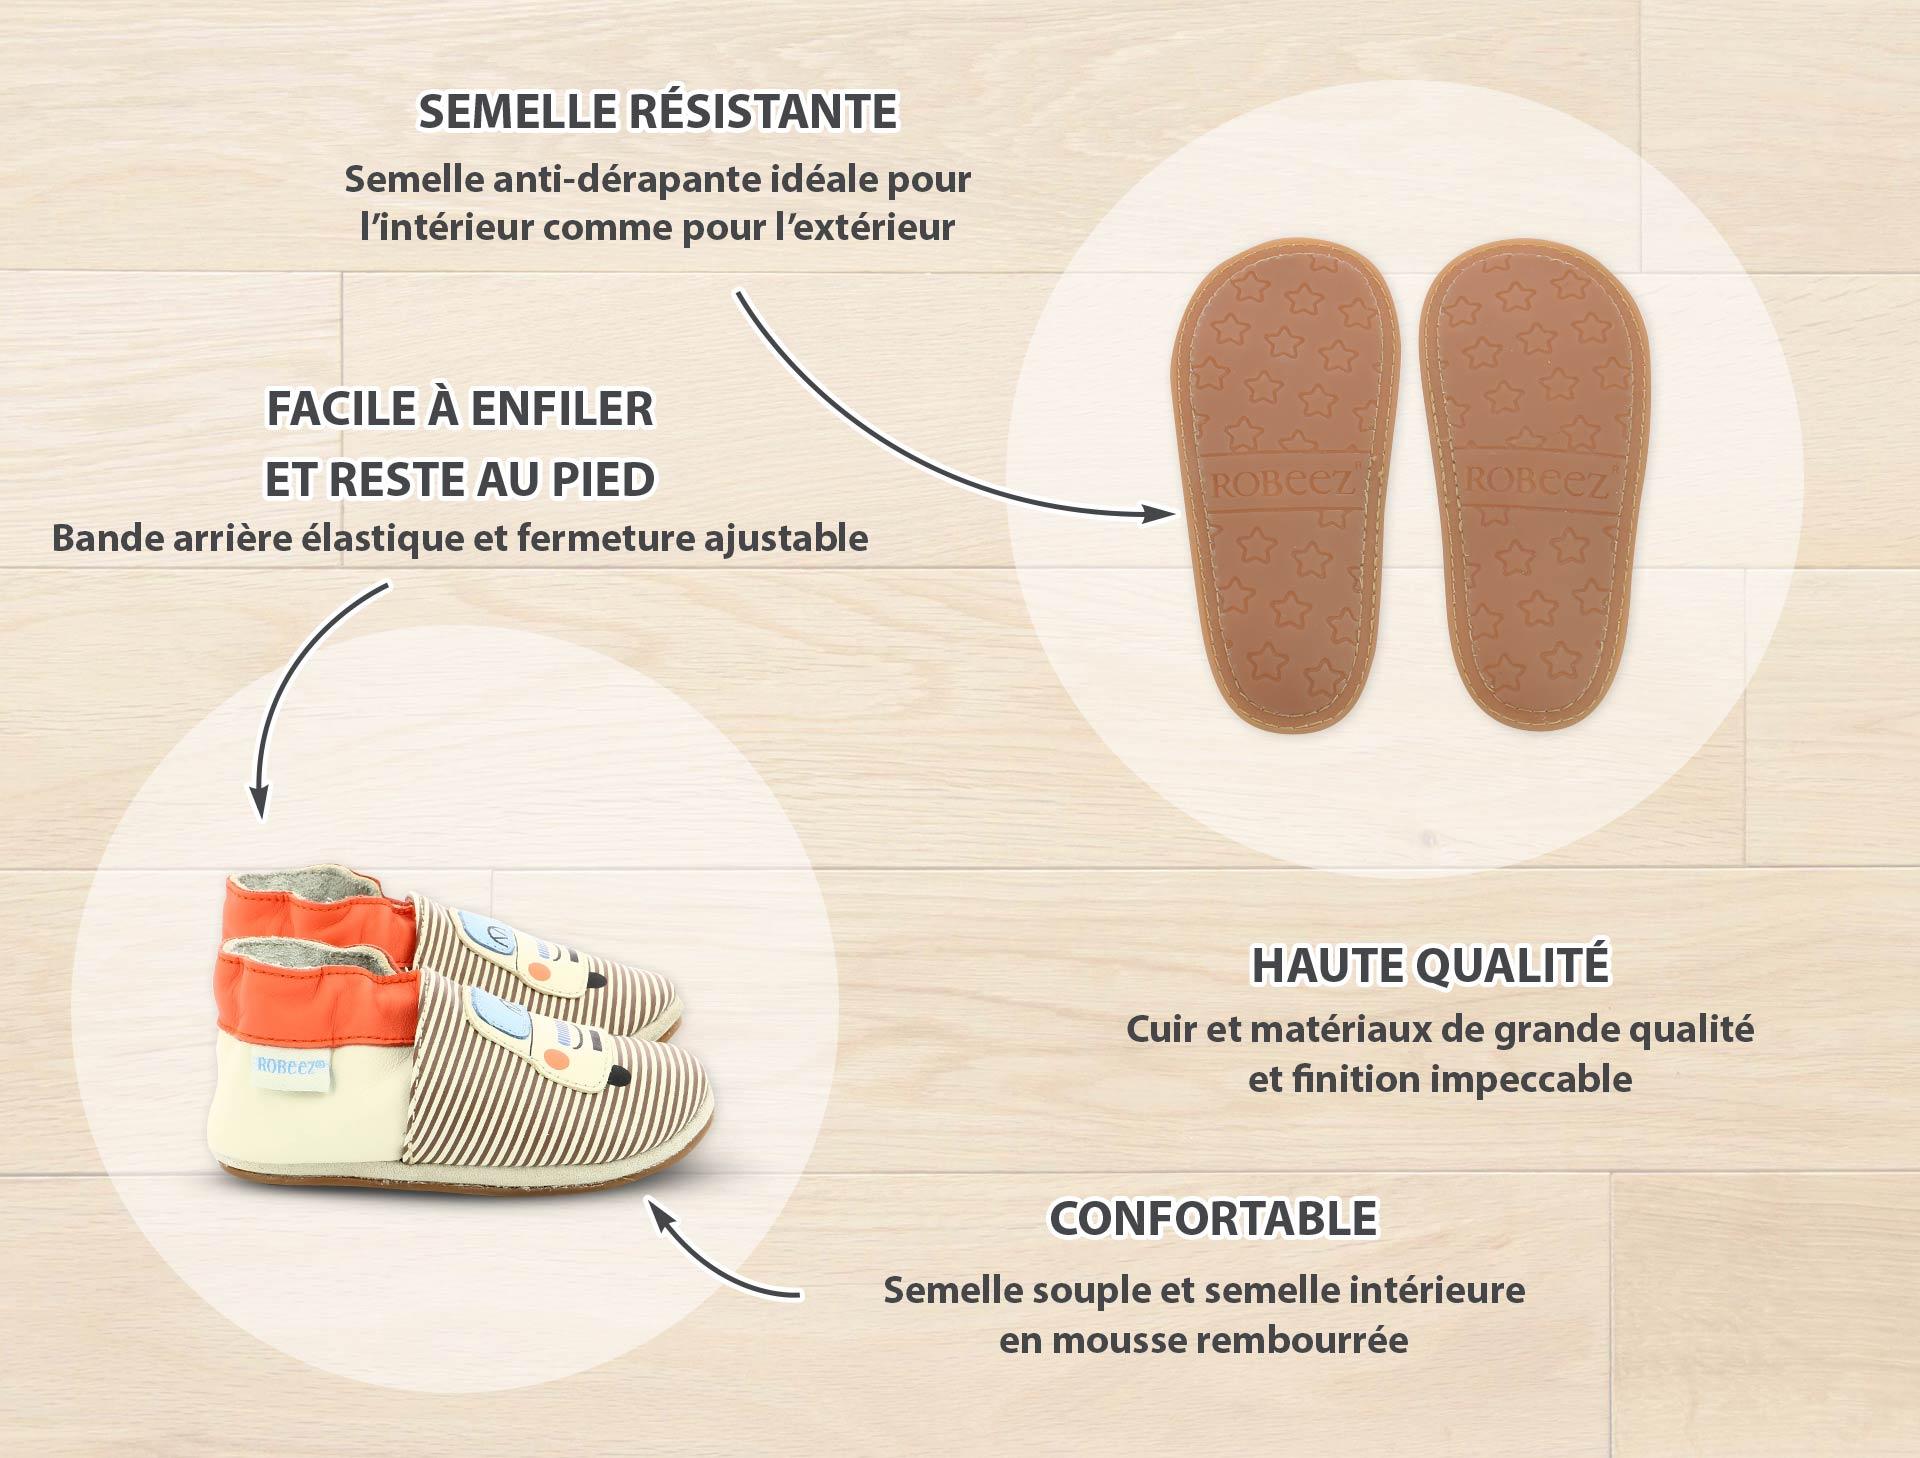 chaussures mini shoez de la marque Robeez